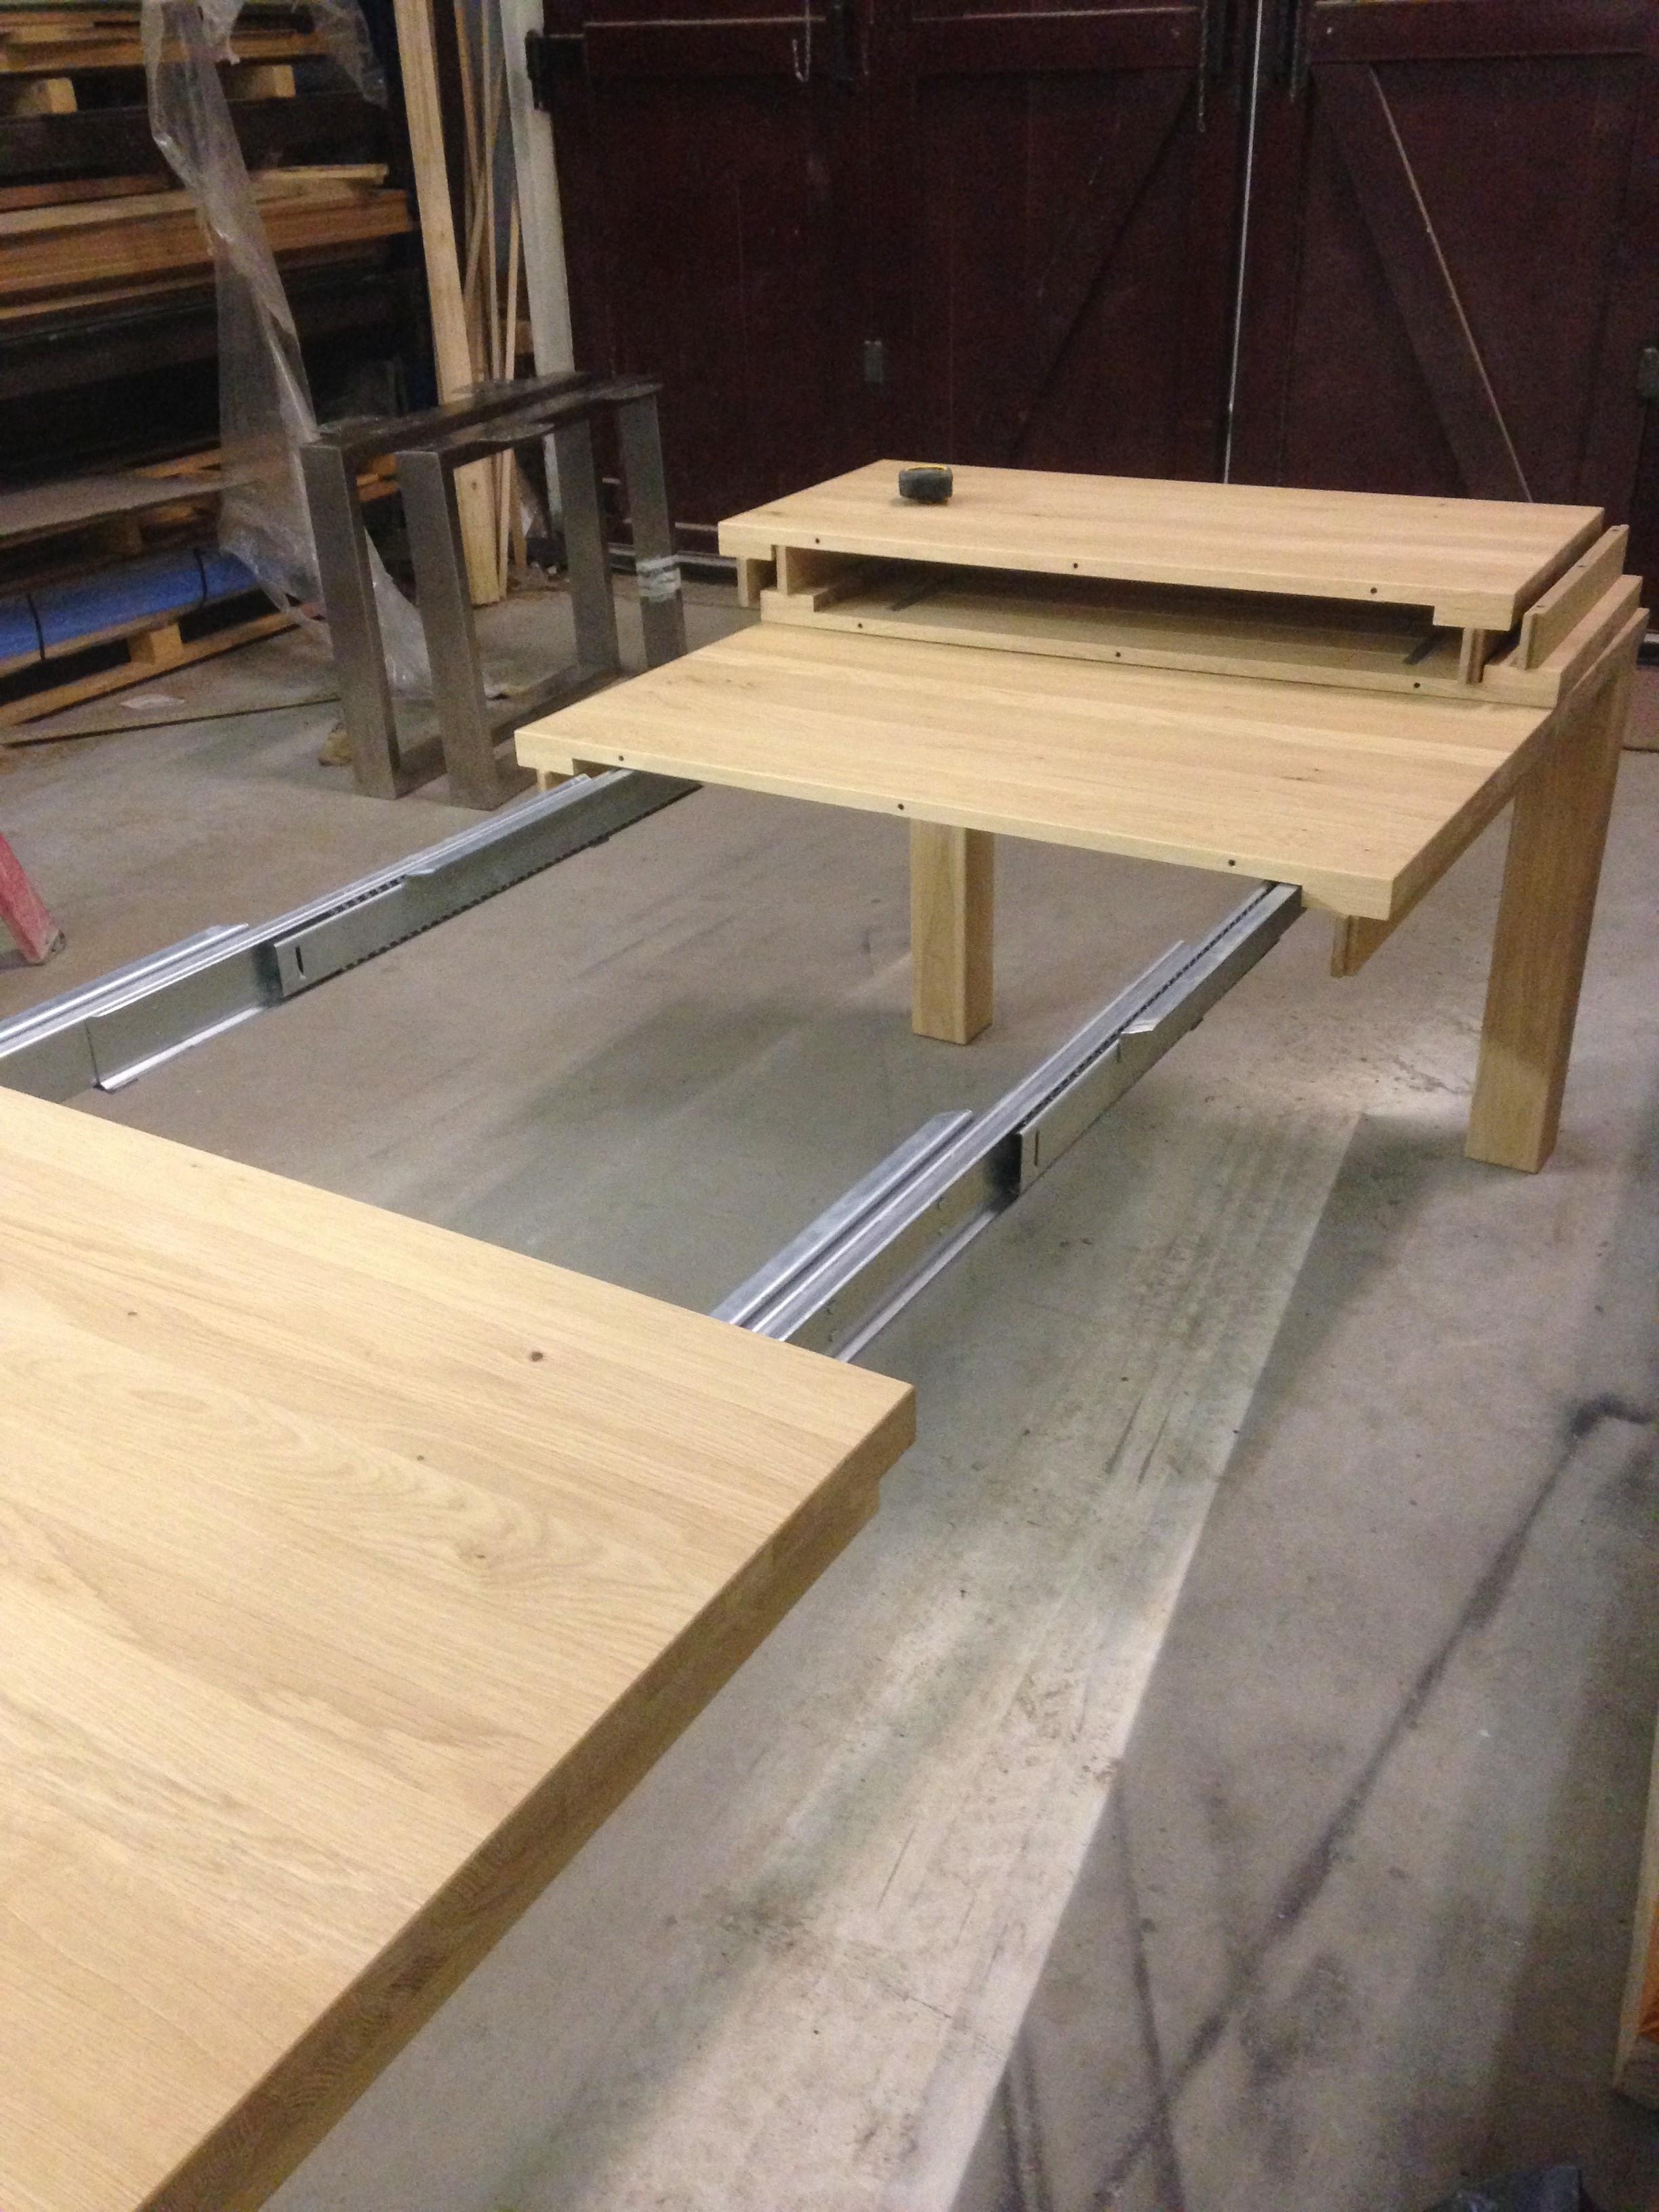 Model stretch rail de houten tafel nl for Uitschuifbare eettafel